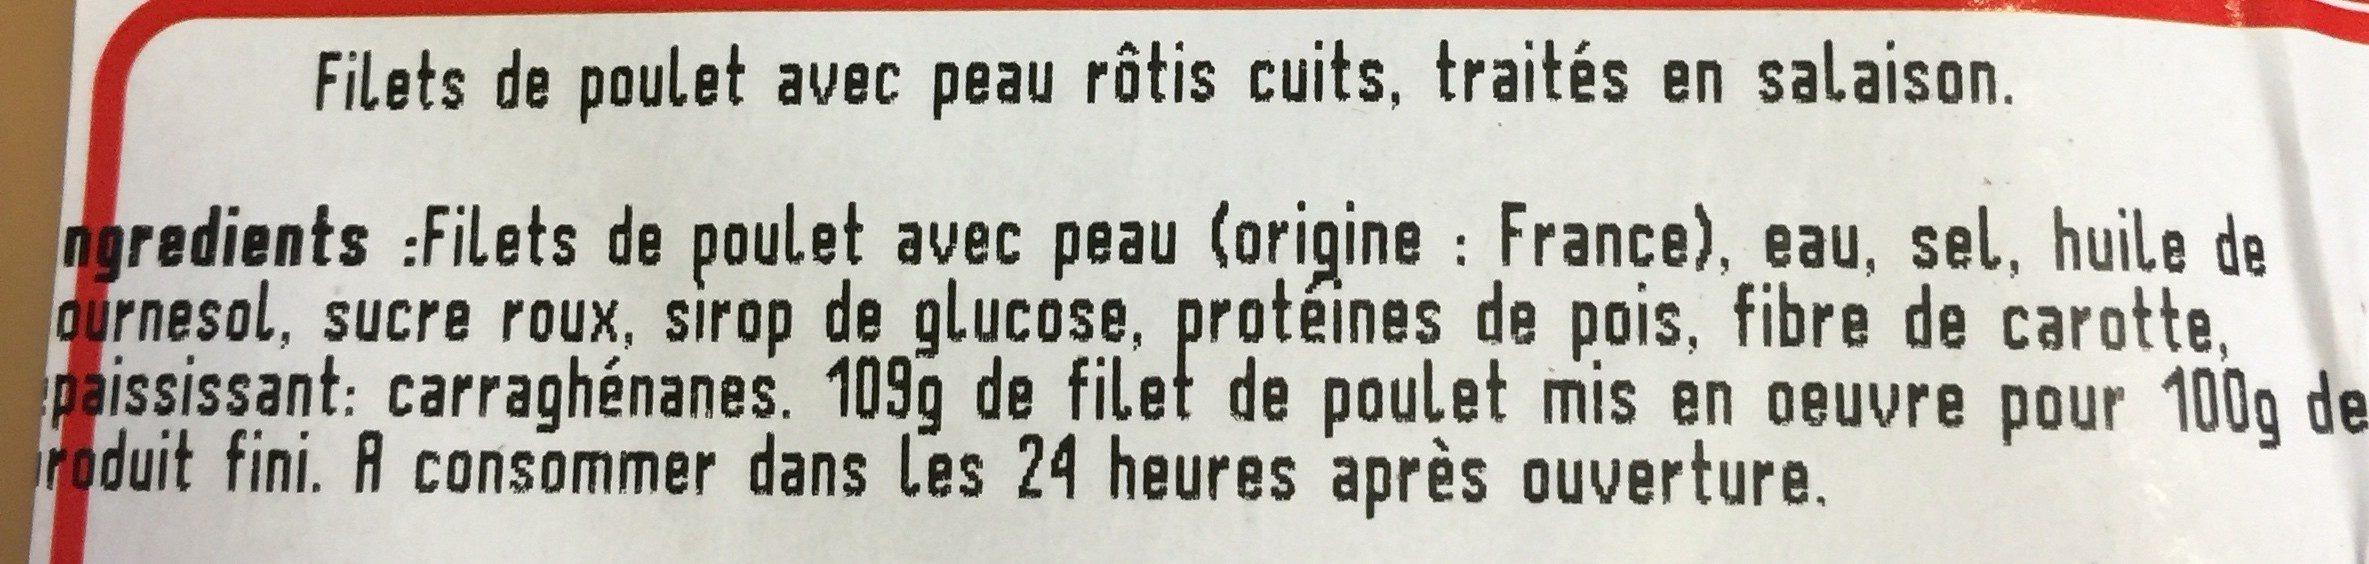 2 filets de poulet roties - Ingrédients